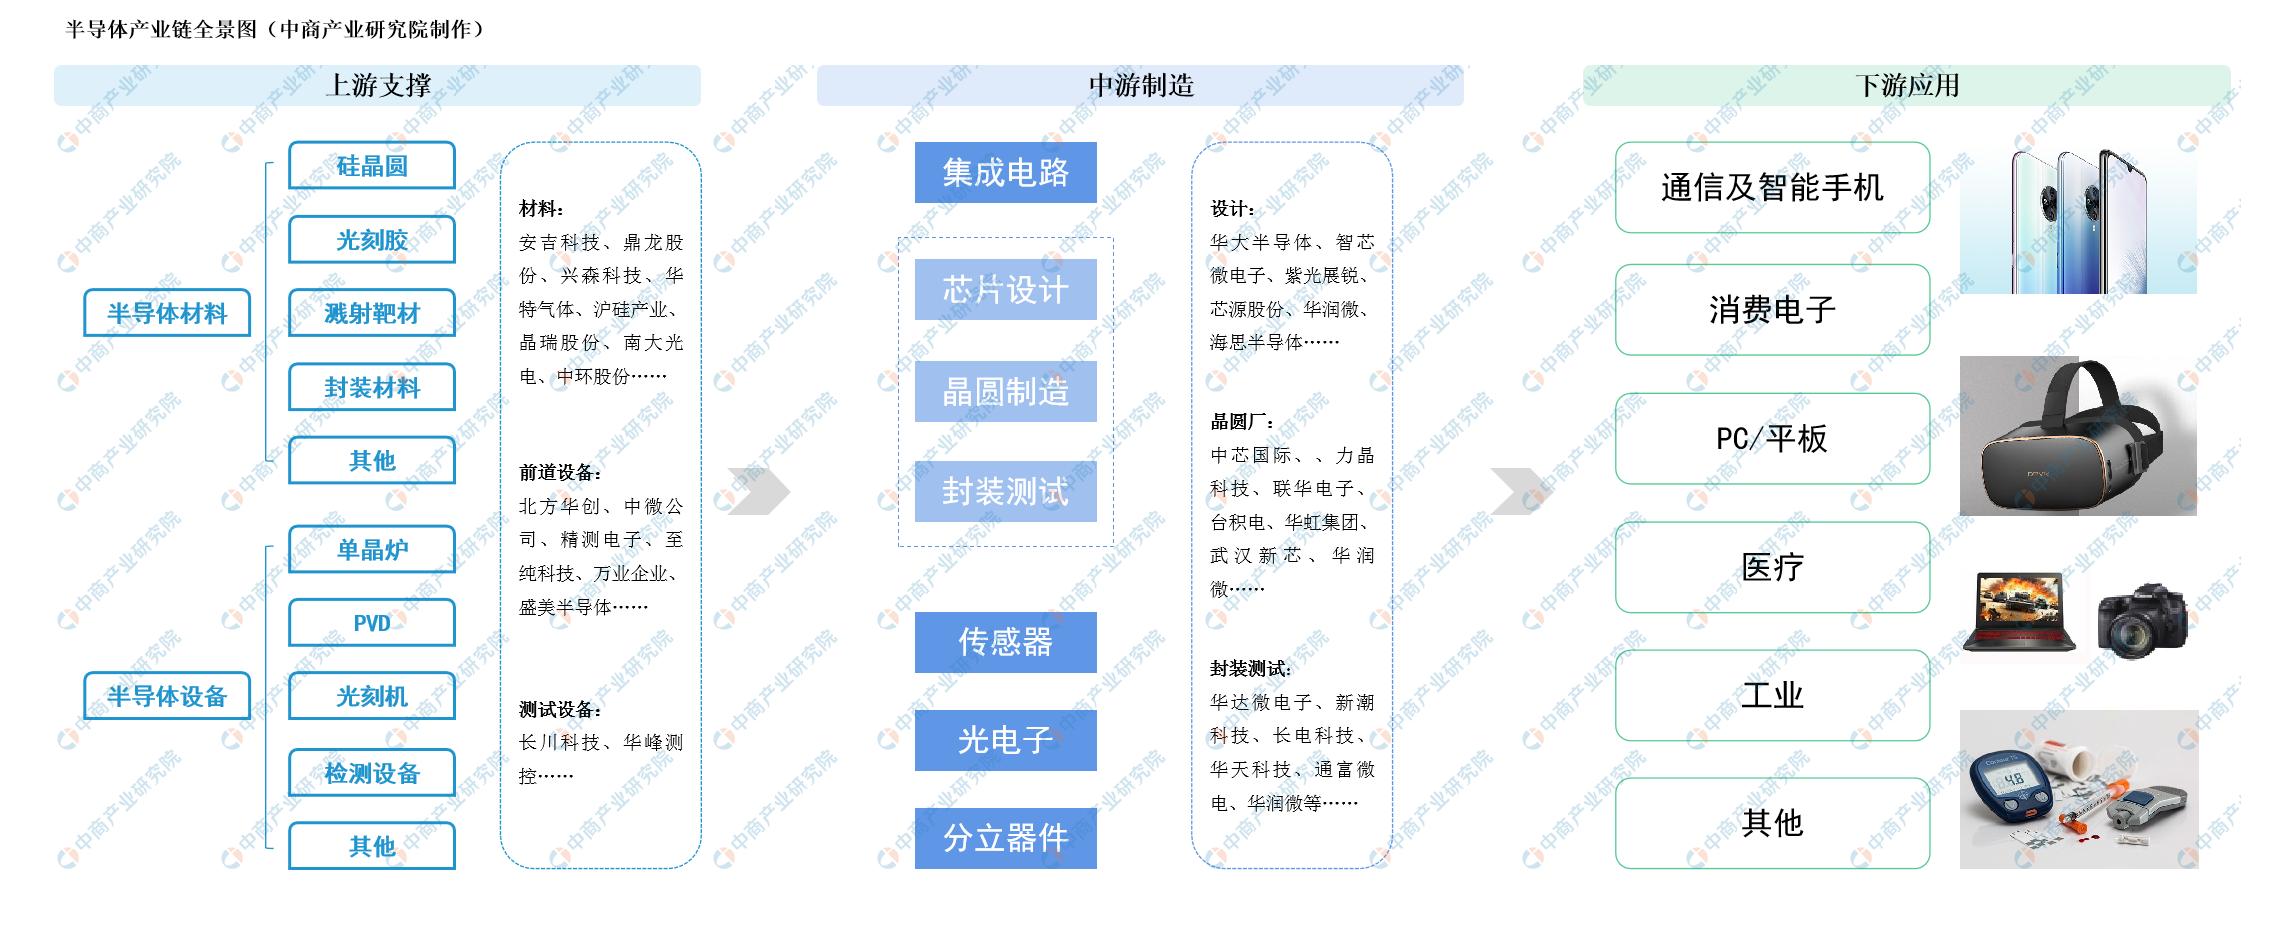 极大规模集成电路含氟电子气体实现国产化 产业链半导体材料市场分析(附图表)